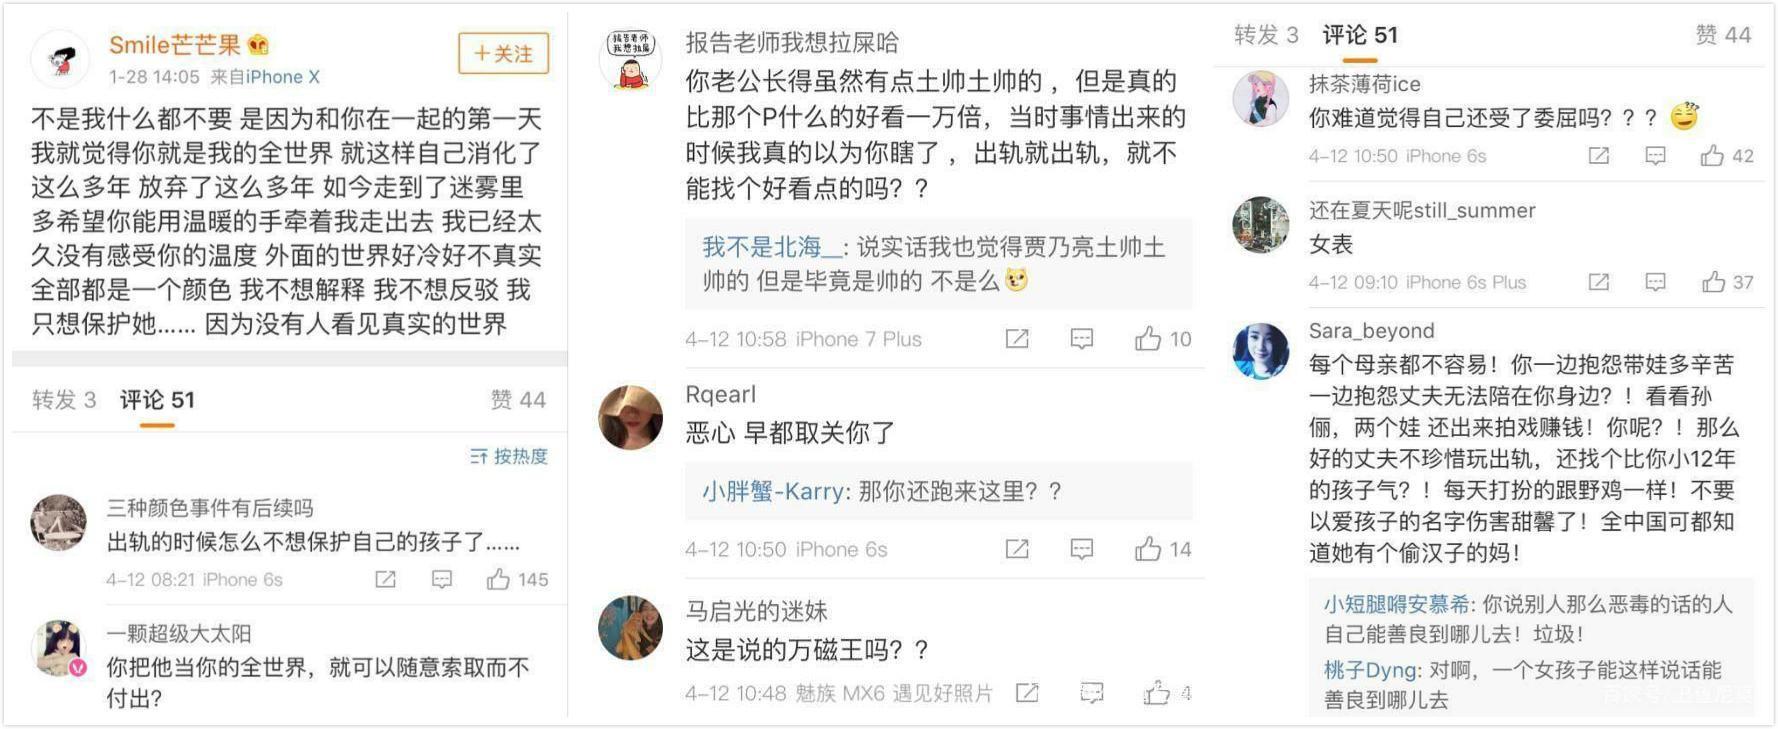 李小璐小号的这些抱怨,在贾乃亮第二次声明中都得到了印证